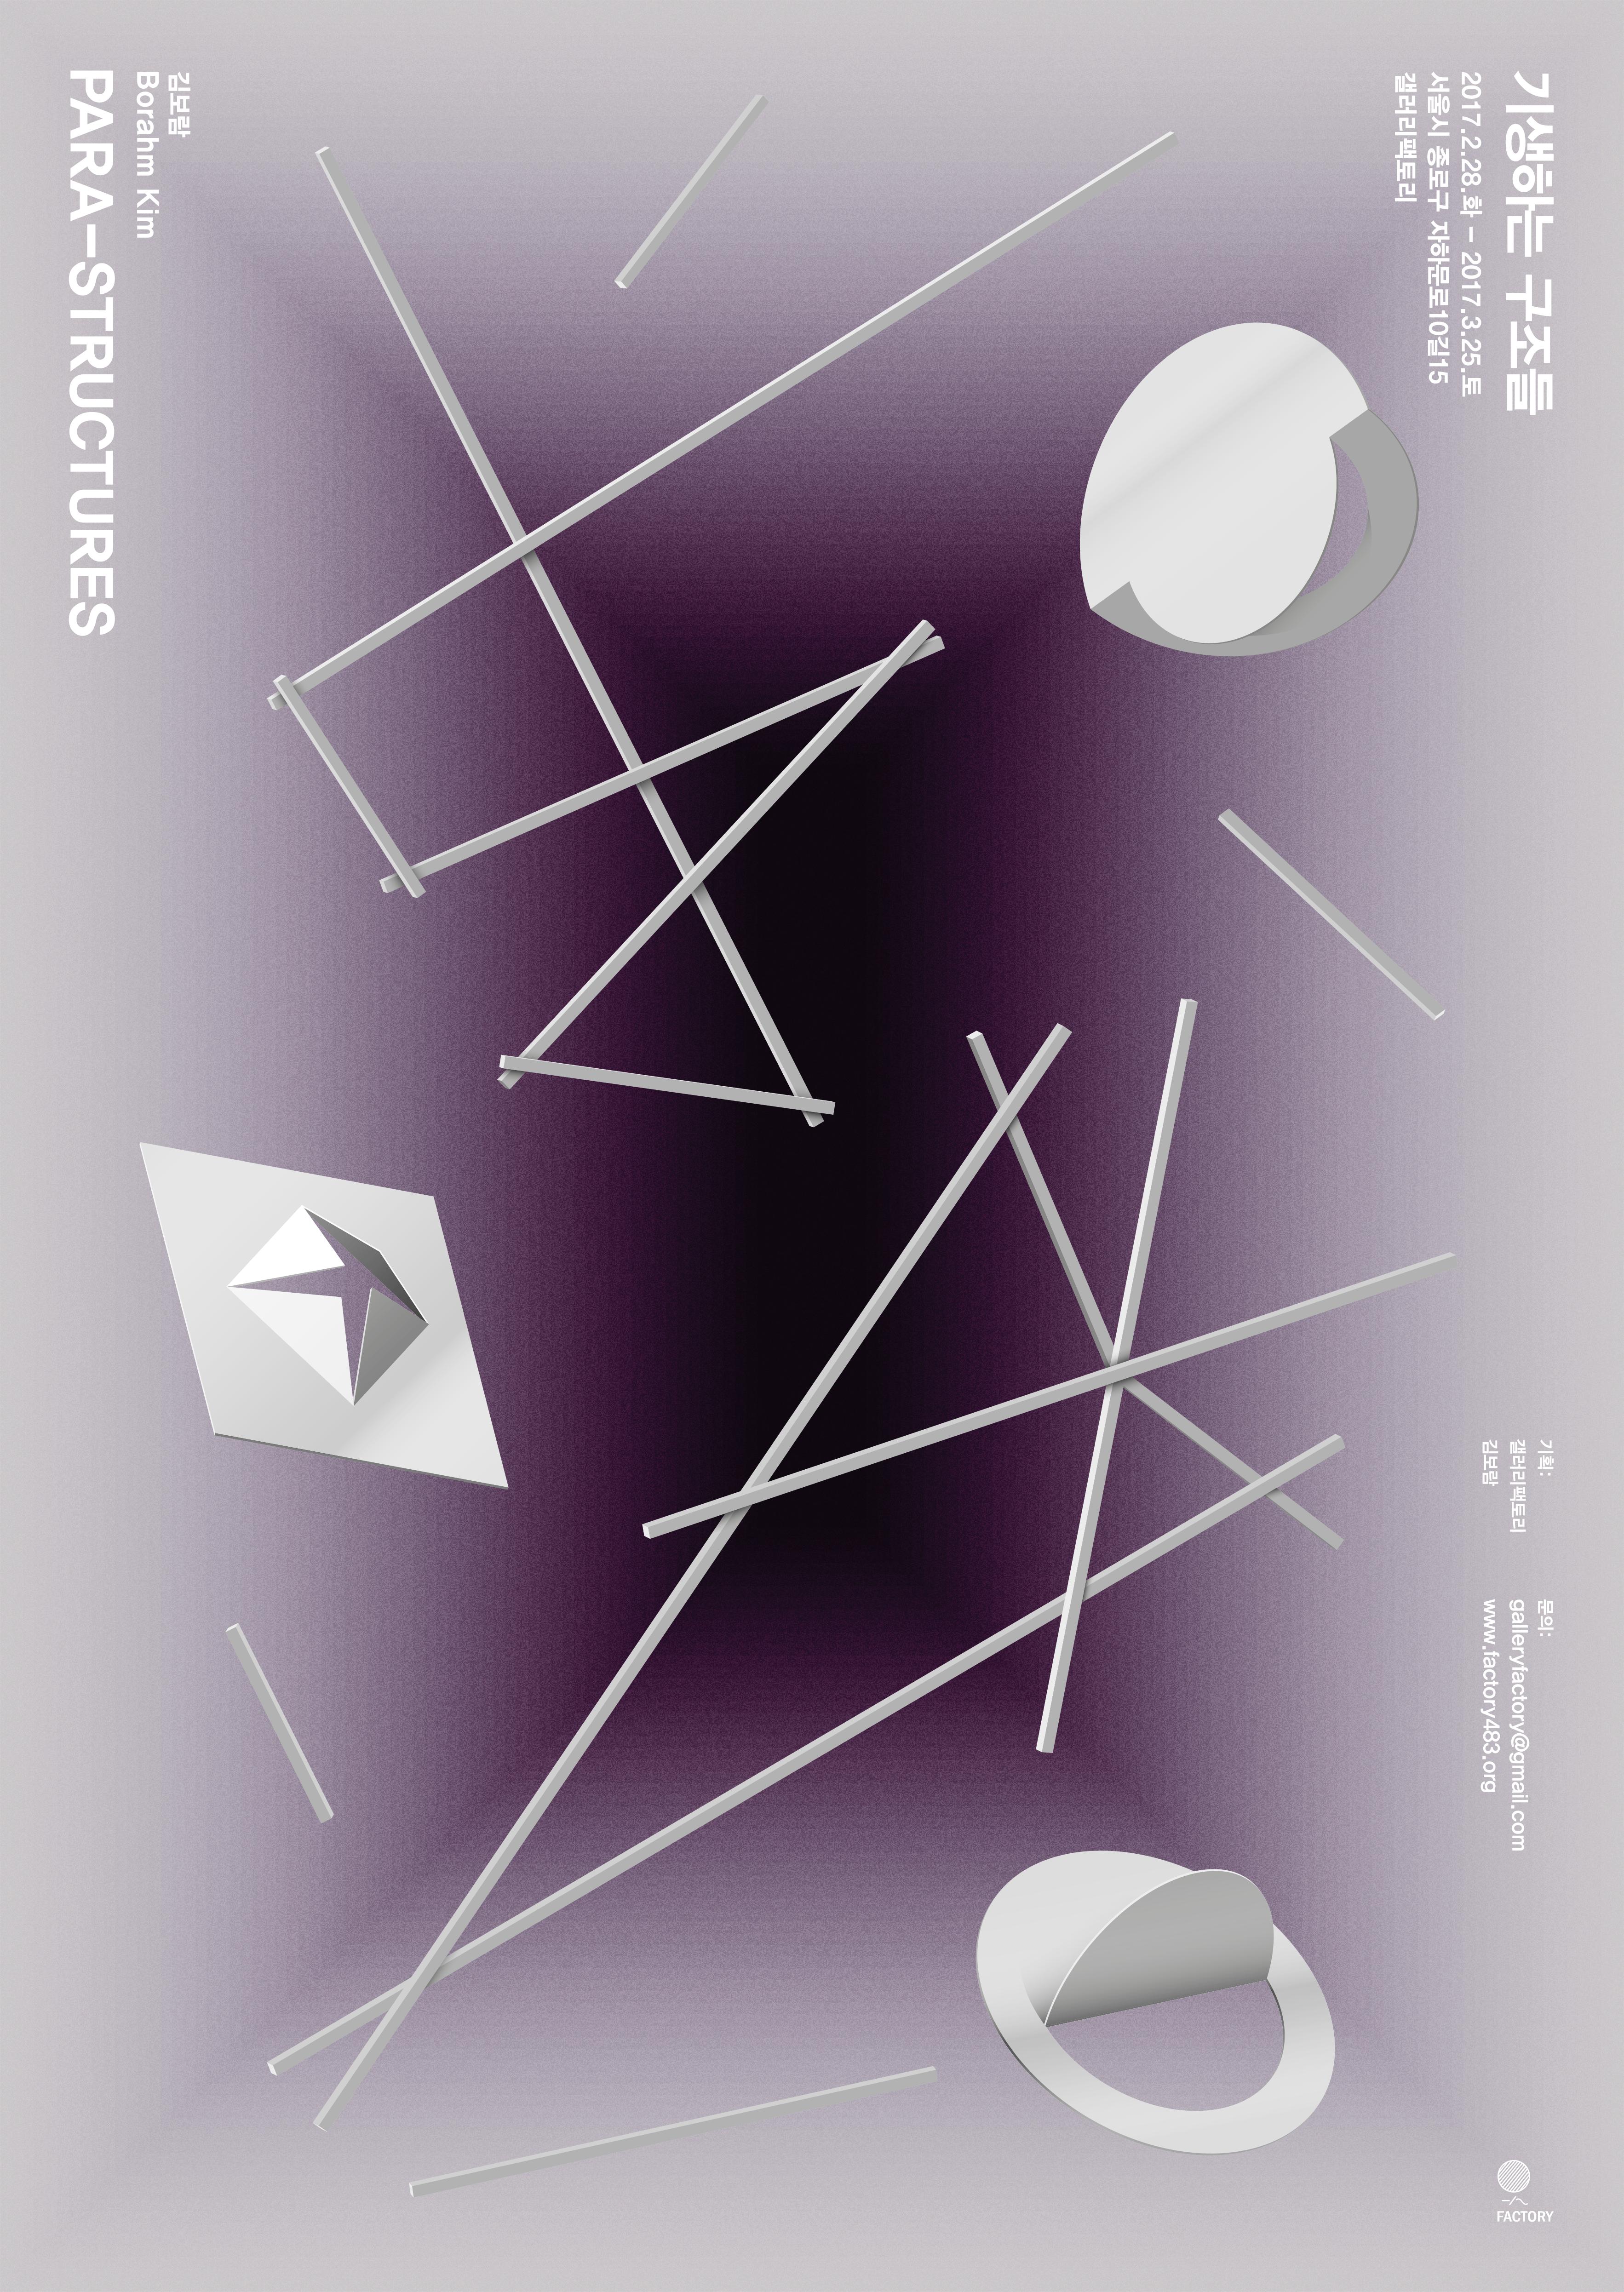 2017_02_24_기생하는 구조들_포스터.png